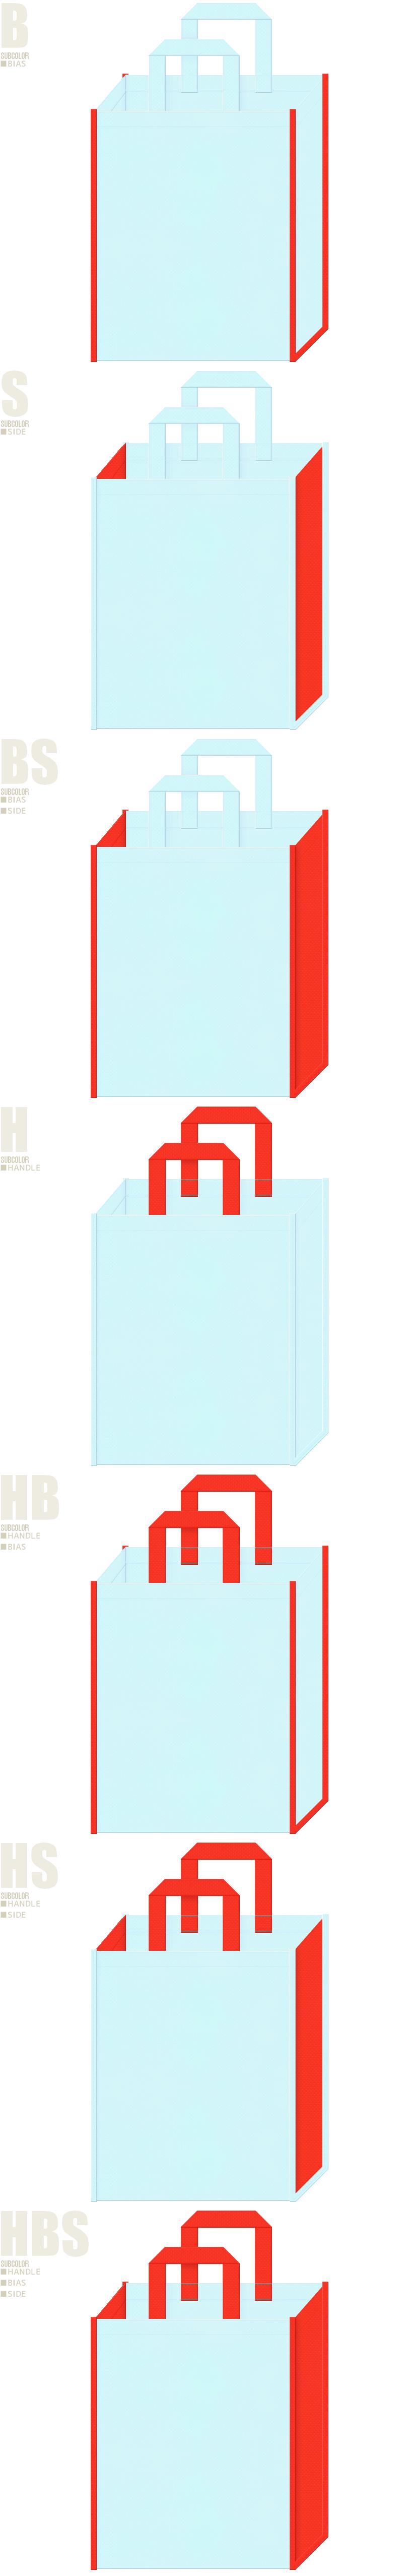 ビタミン・サプリメントのイメージにお奨めの不織布バッグデザイン:水色とオレンジ色の配色7パターン